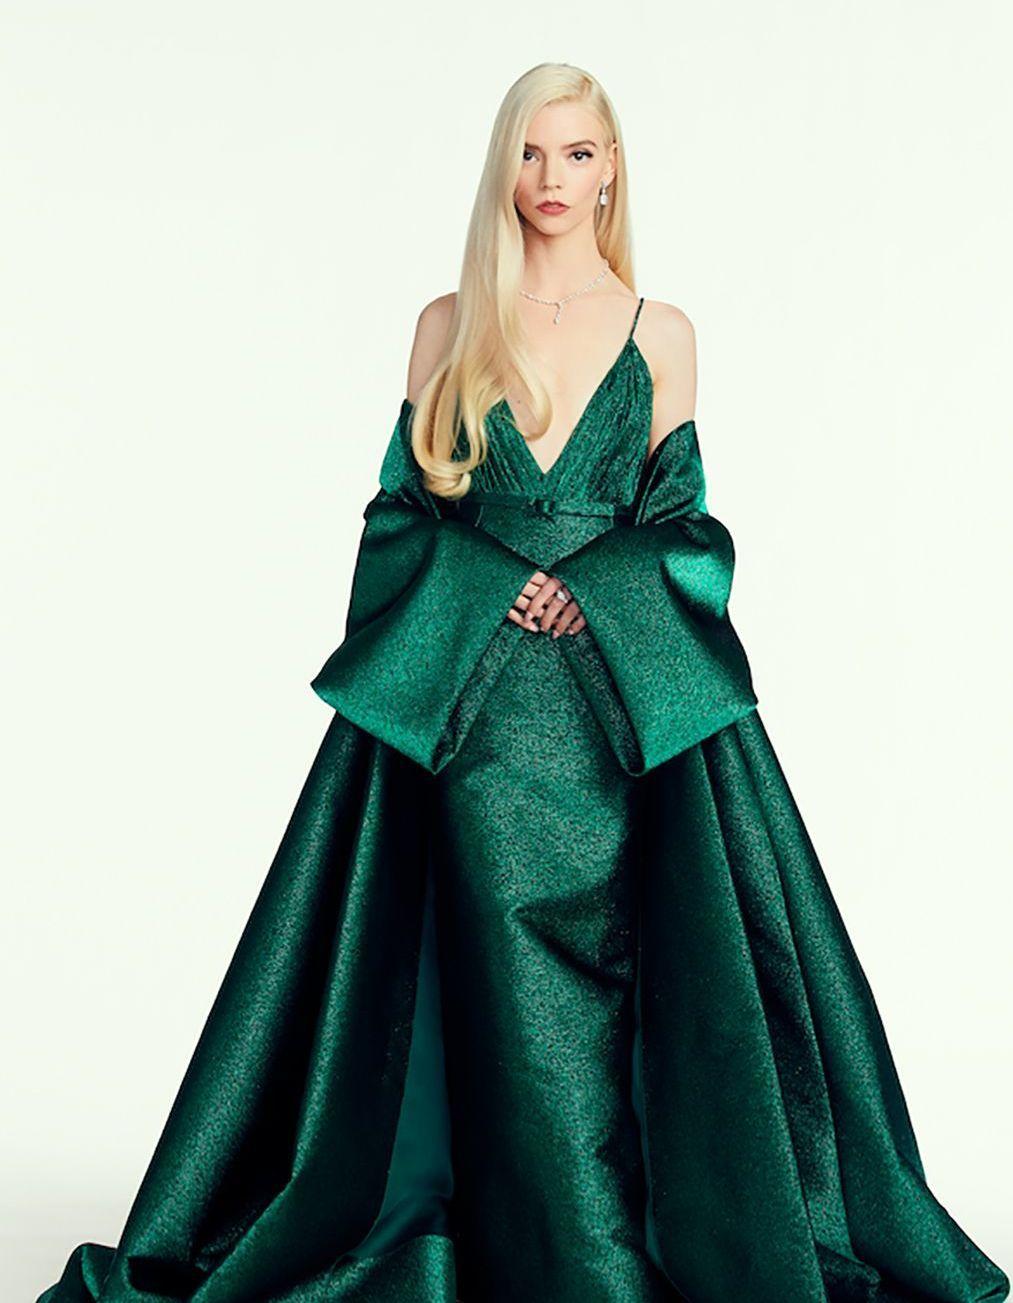 Golden Globes : Anya Taylor-Joy ne portait pas une, mais deux robes Dior - Elle